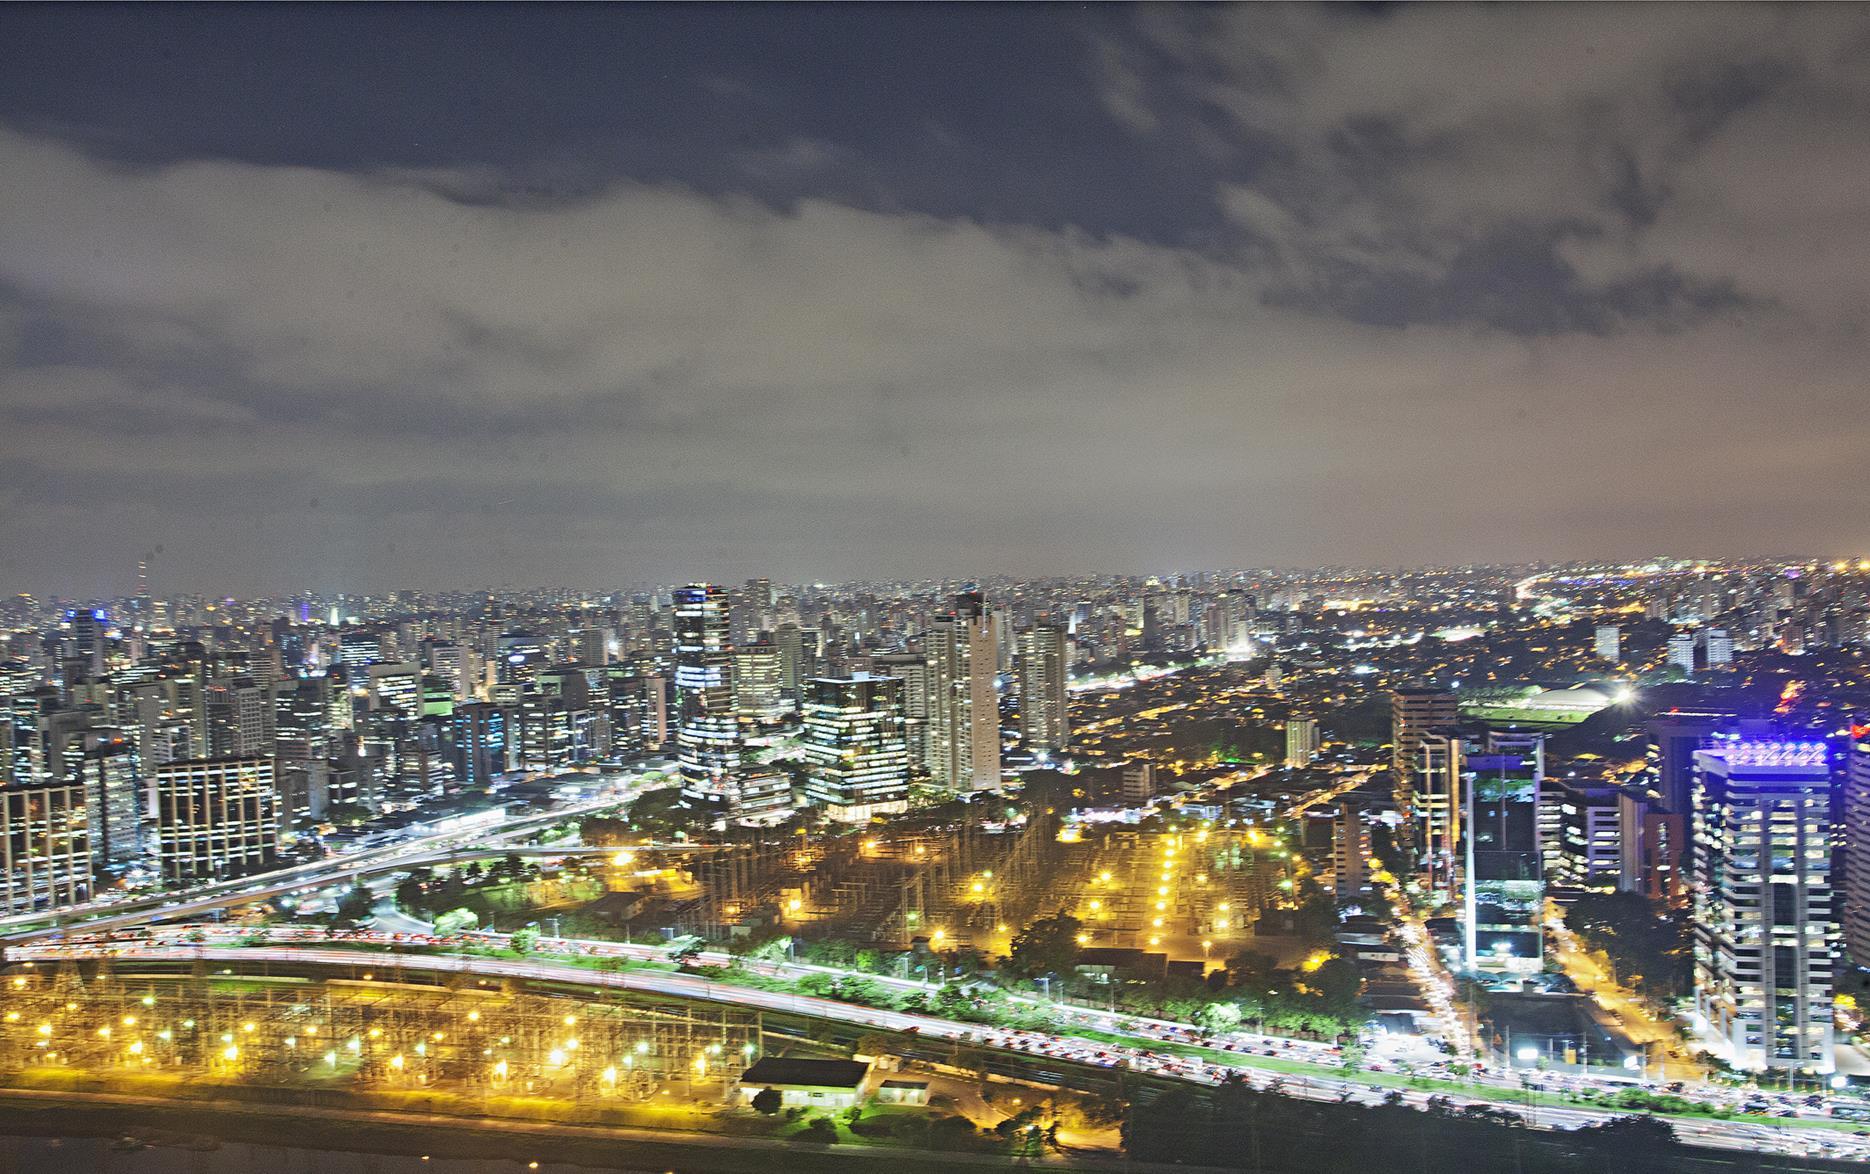 Casa Unifamiliar por un Venta en Unbeatable Penthouse at Parque Cidade Jardim Rua Armando Petrella Sao Paulo, Sao Paulo, 05679-010 Brasil